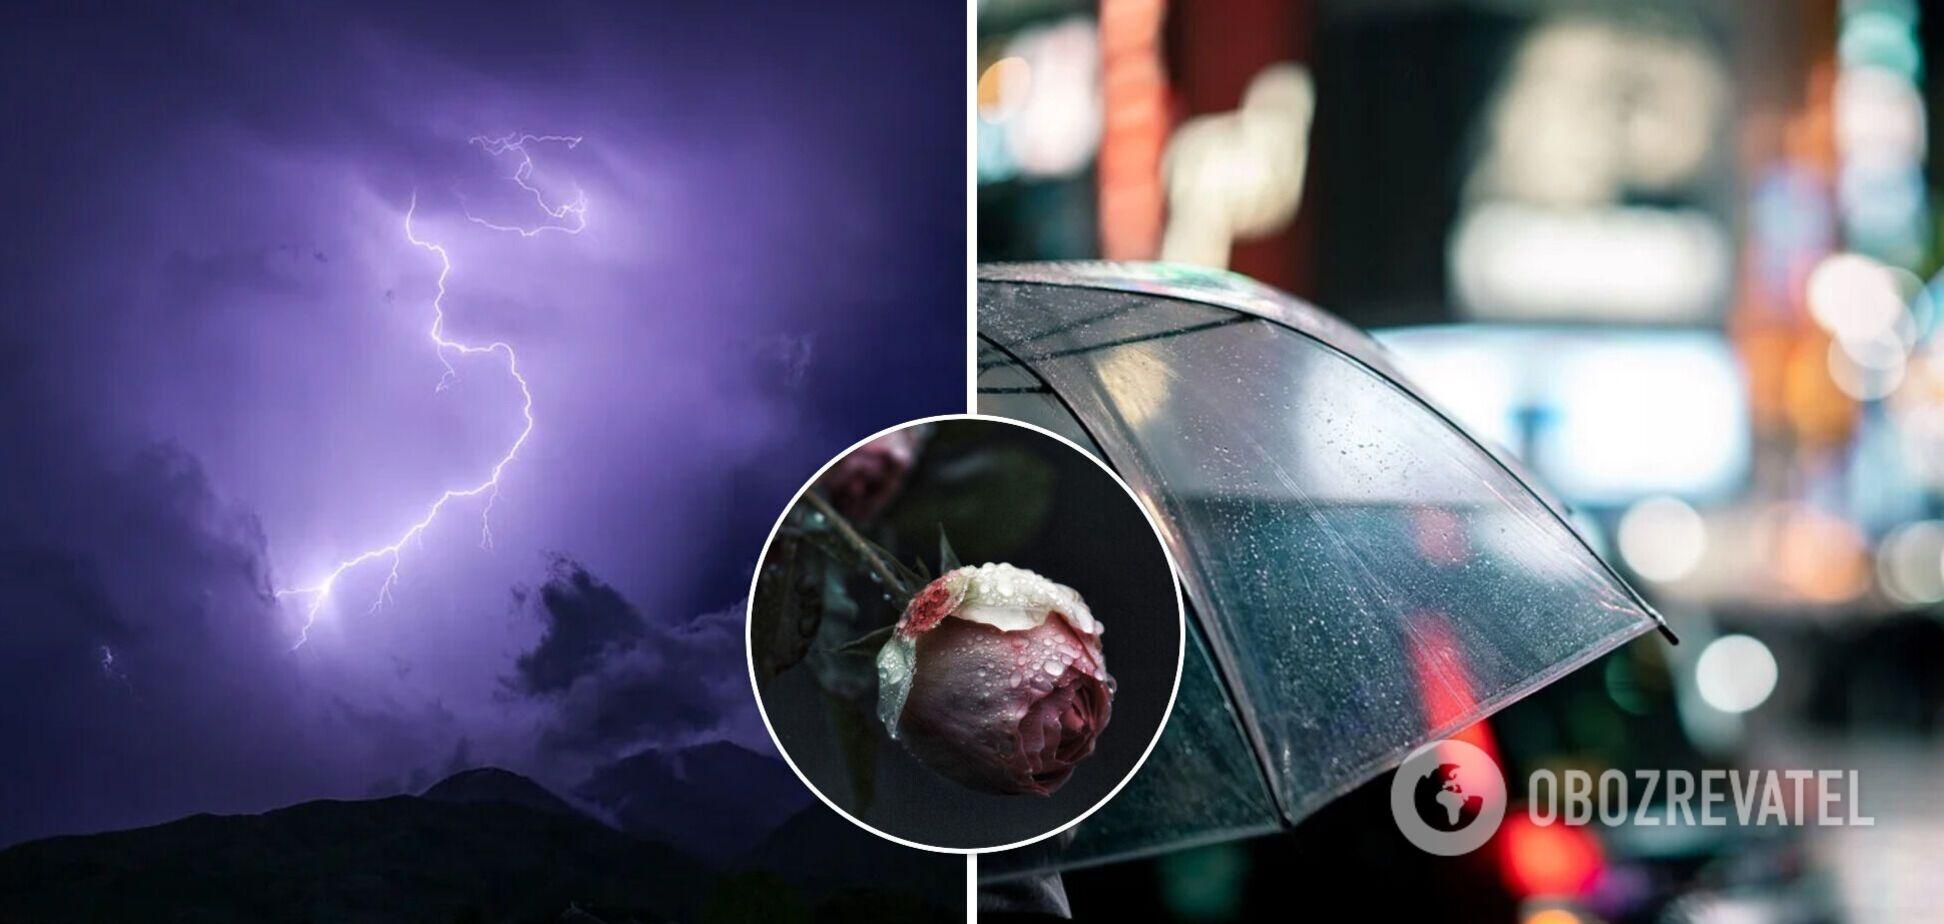 В Україну йде циклон Henri: де будуть дощі, град і шквали